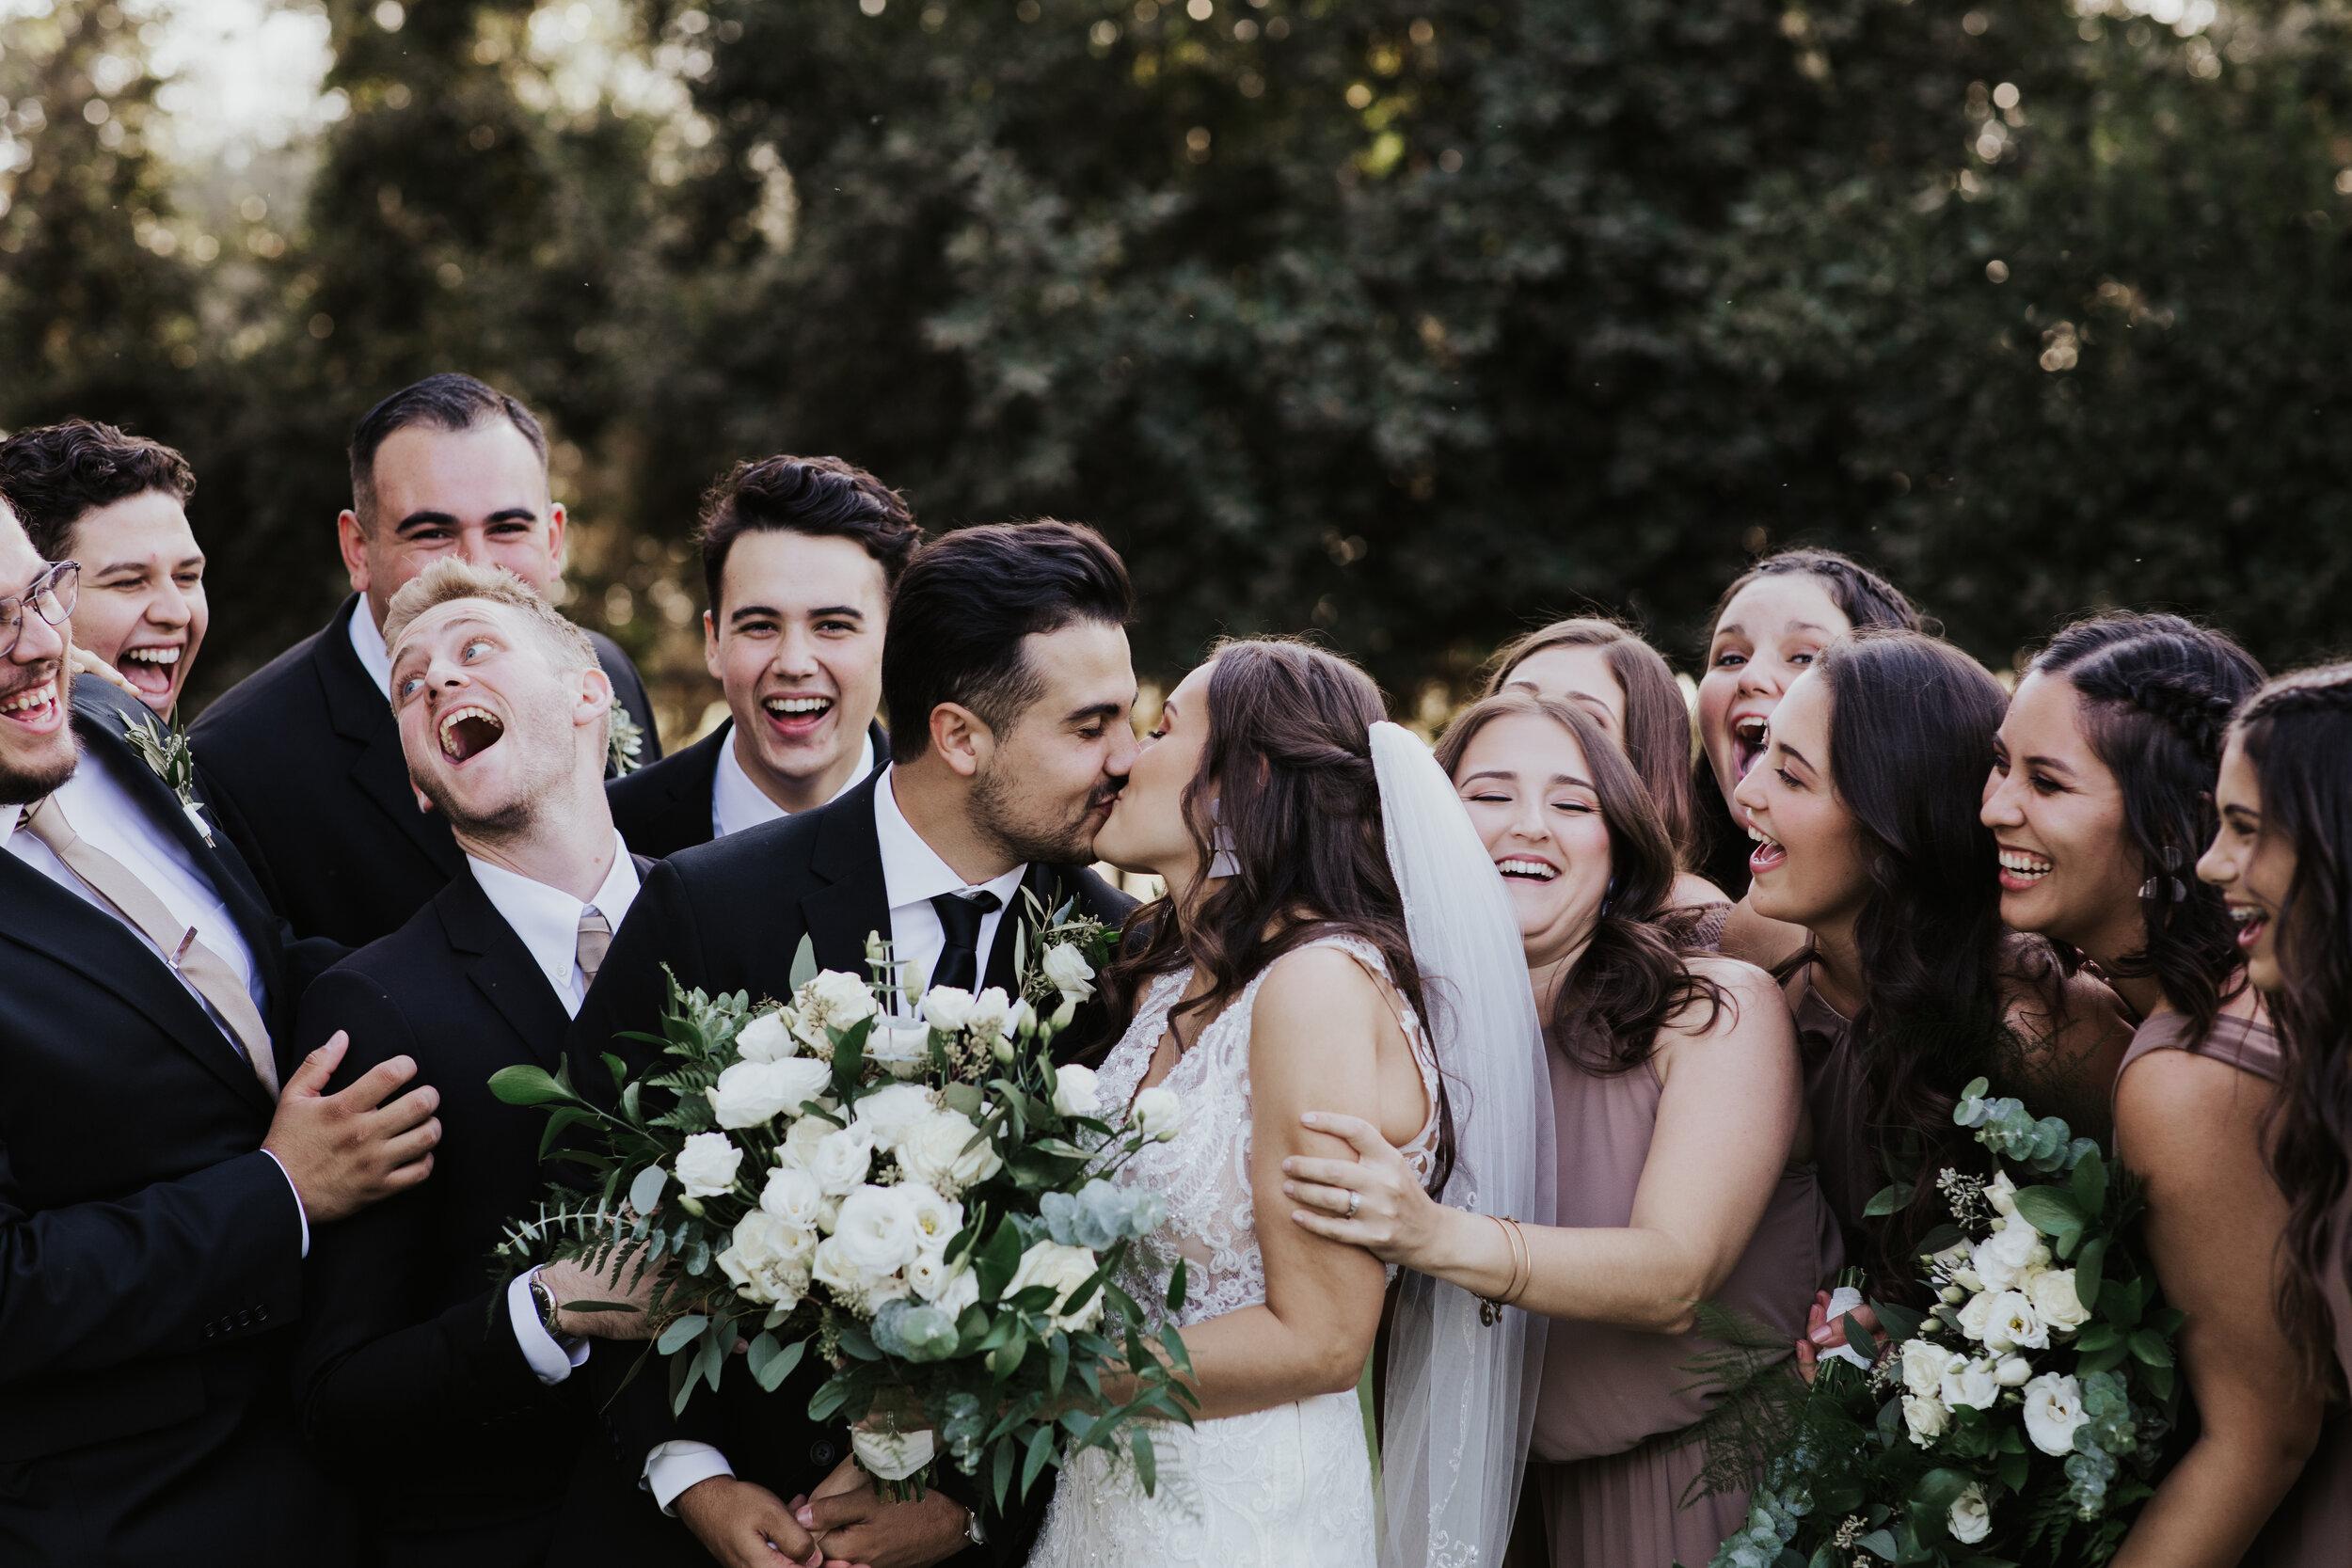 Emilee-Michael-Wedding-Tuscan-Gardens-Kingsburg-Central-Valley-California-SNEAK-PEEK-56.jpg